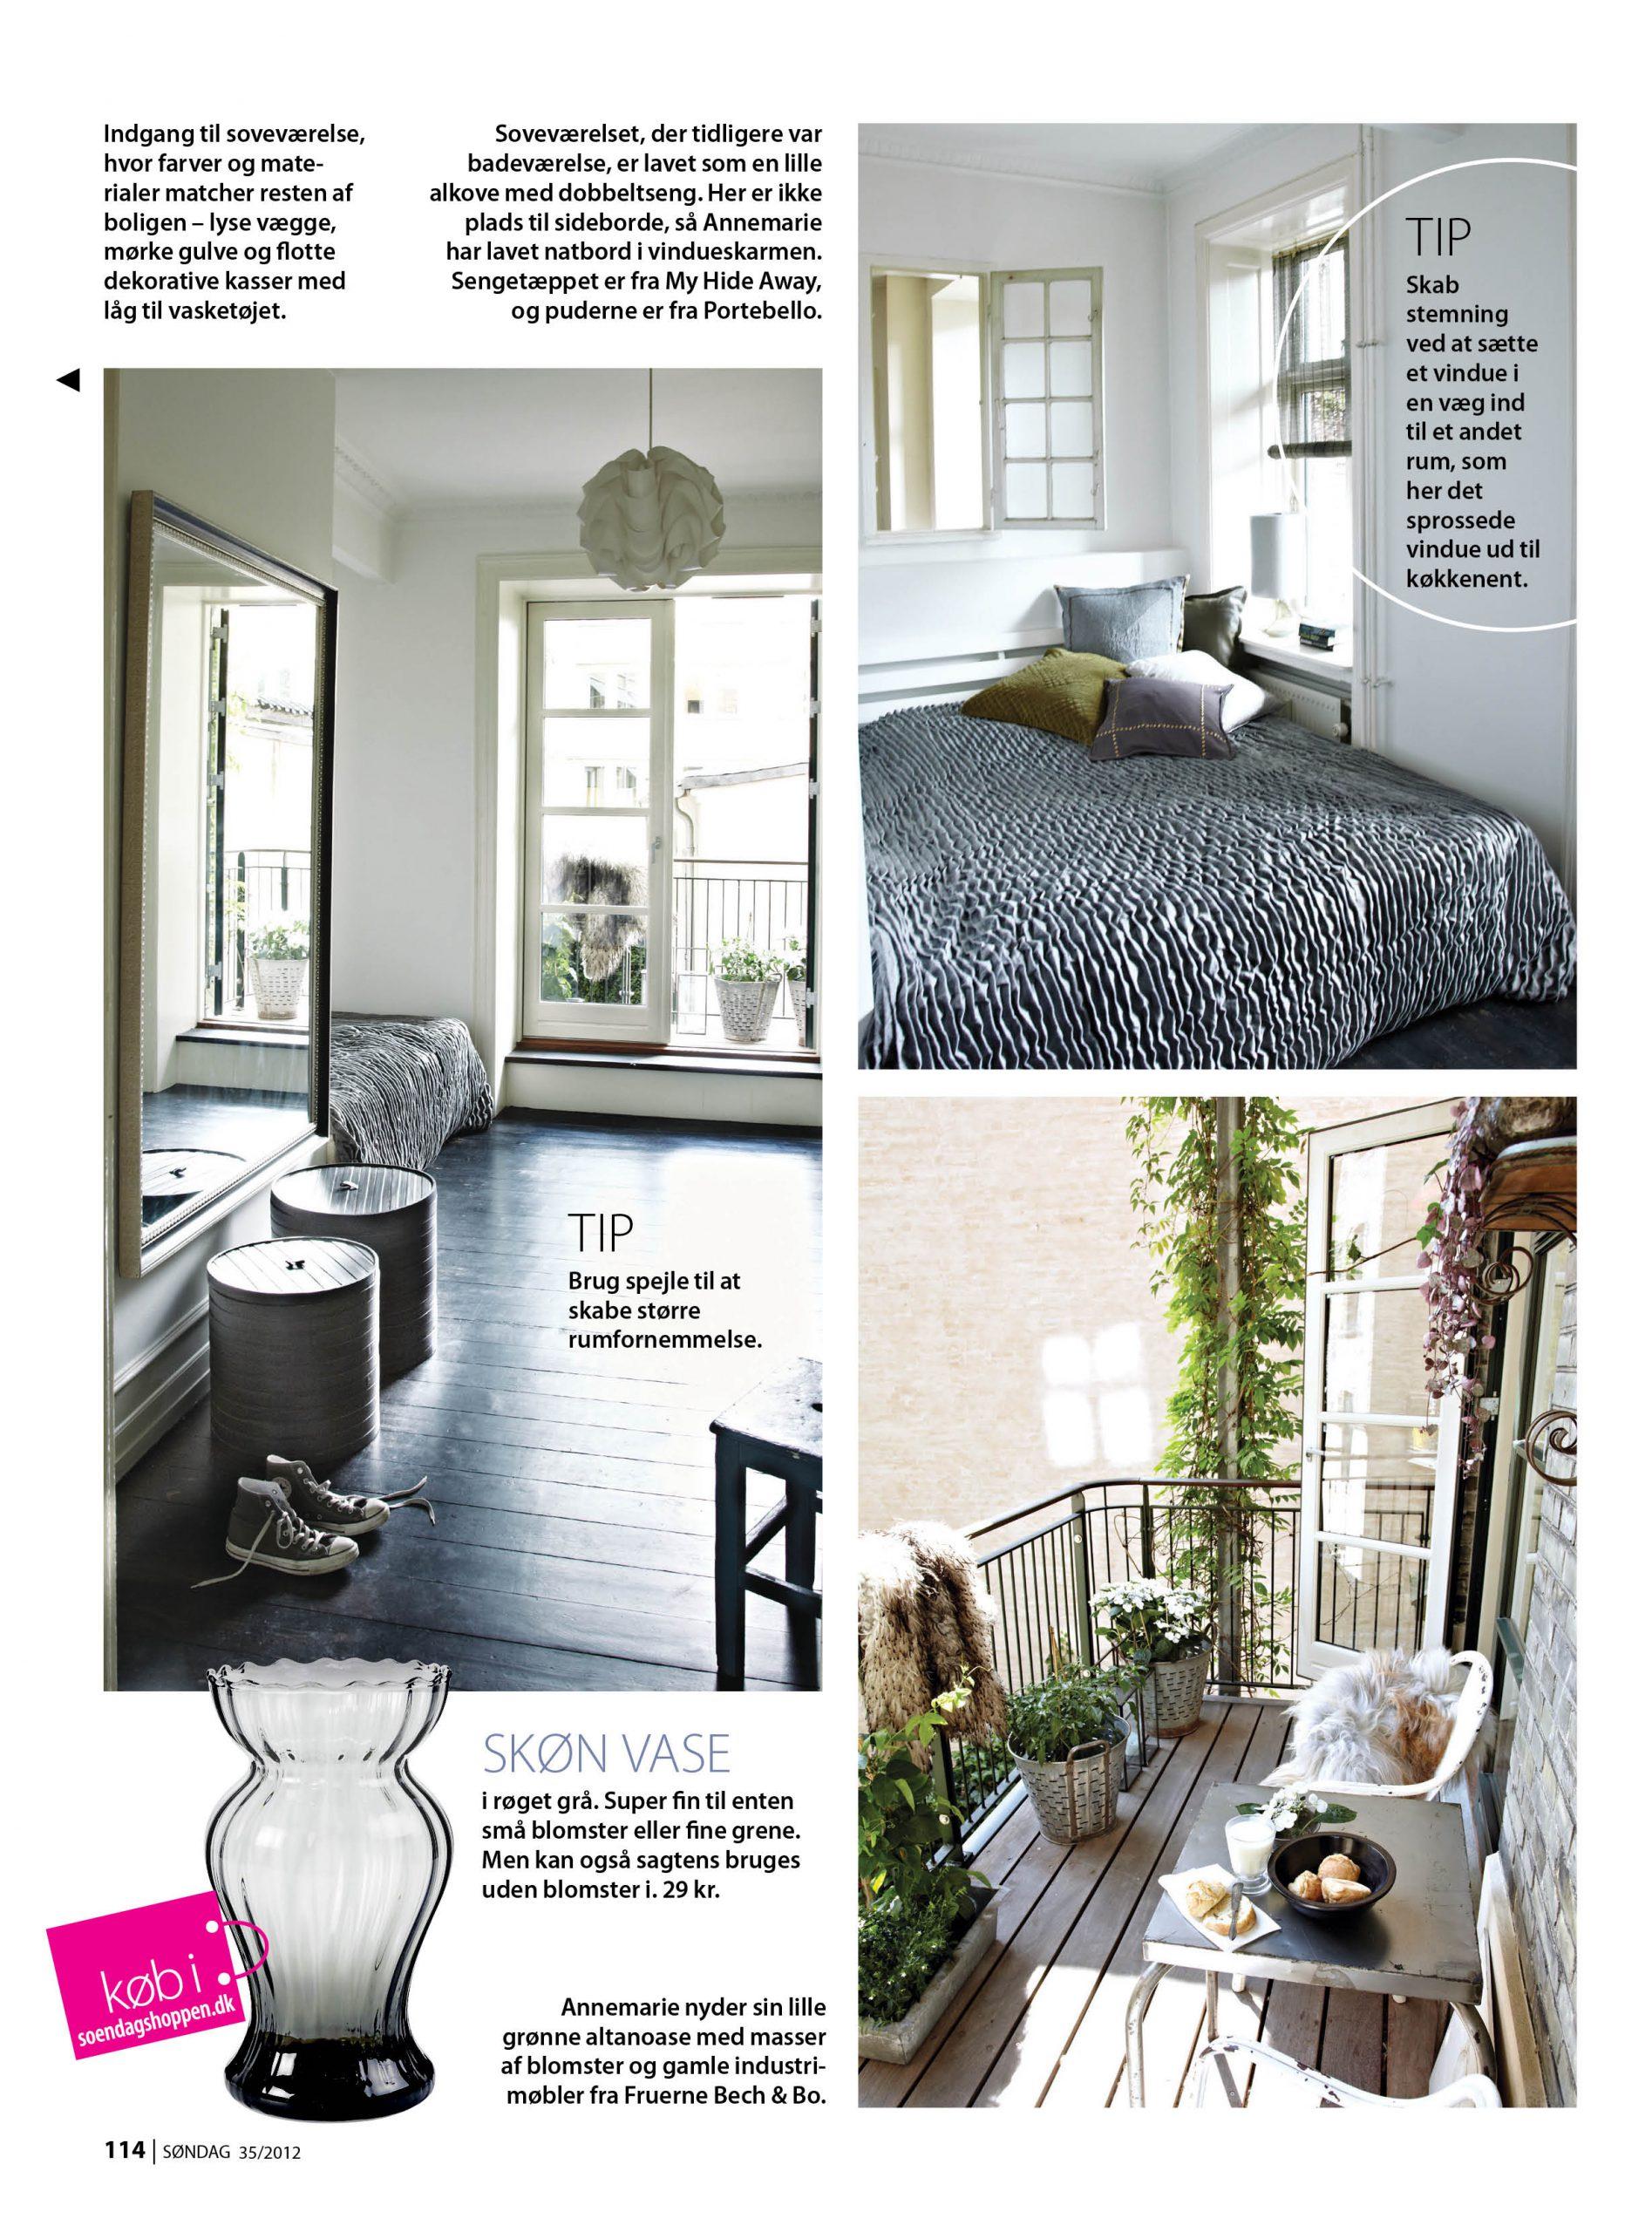 Lindebjerg Design article 1 in Ugebladet Søndag